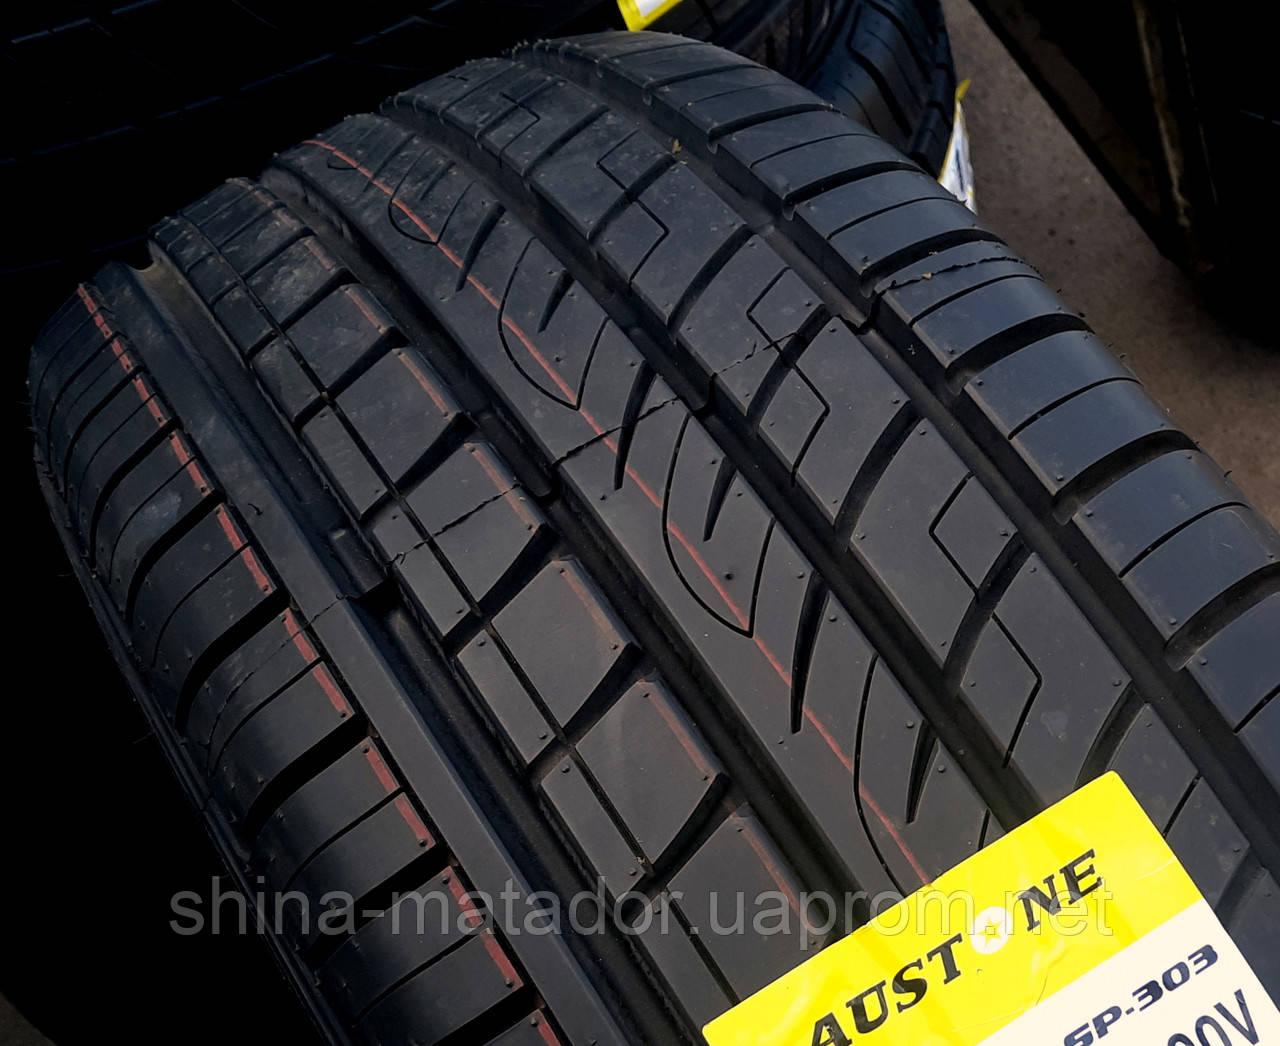 Купить Шины 225/60 R18 100V Austone Athena SP-303